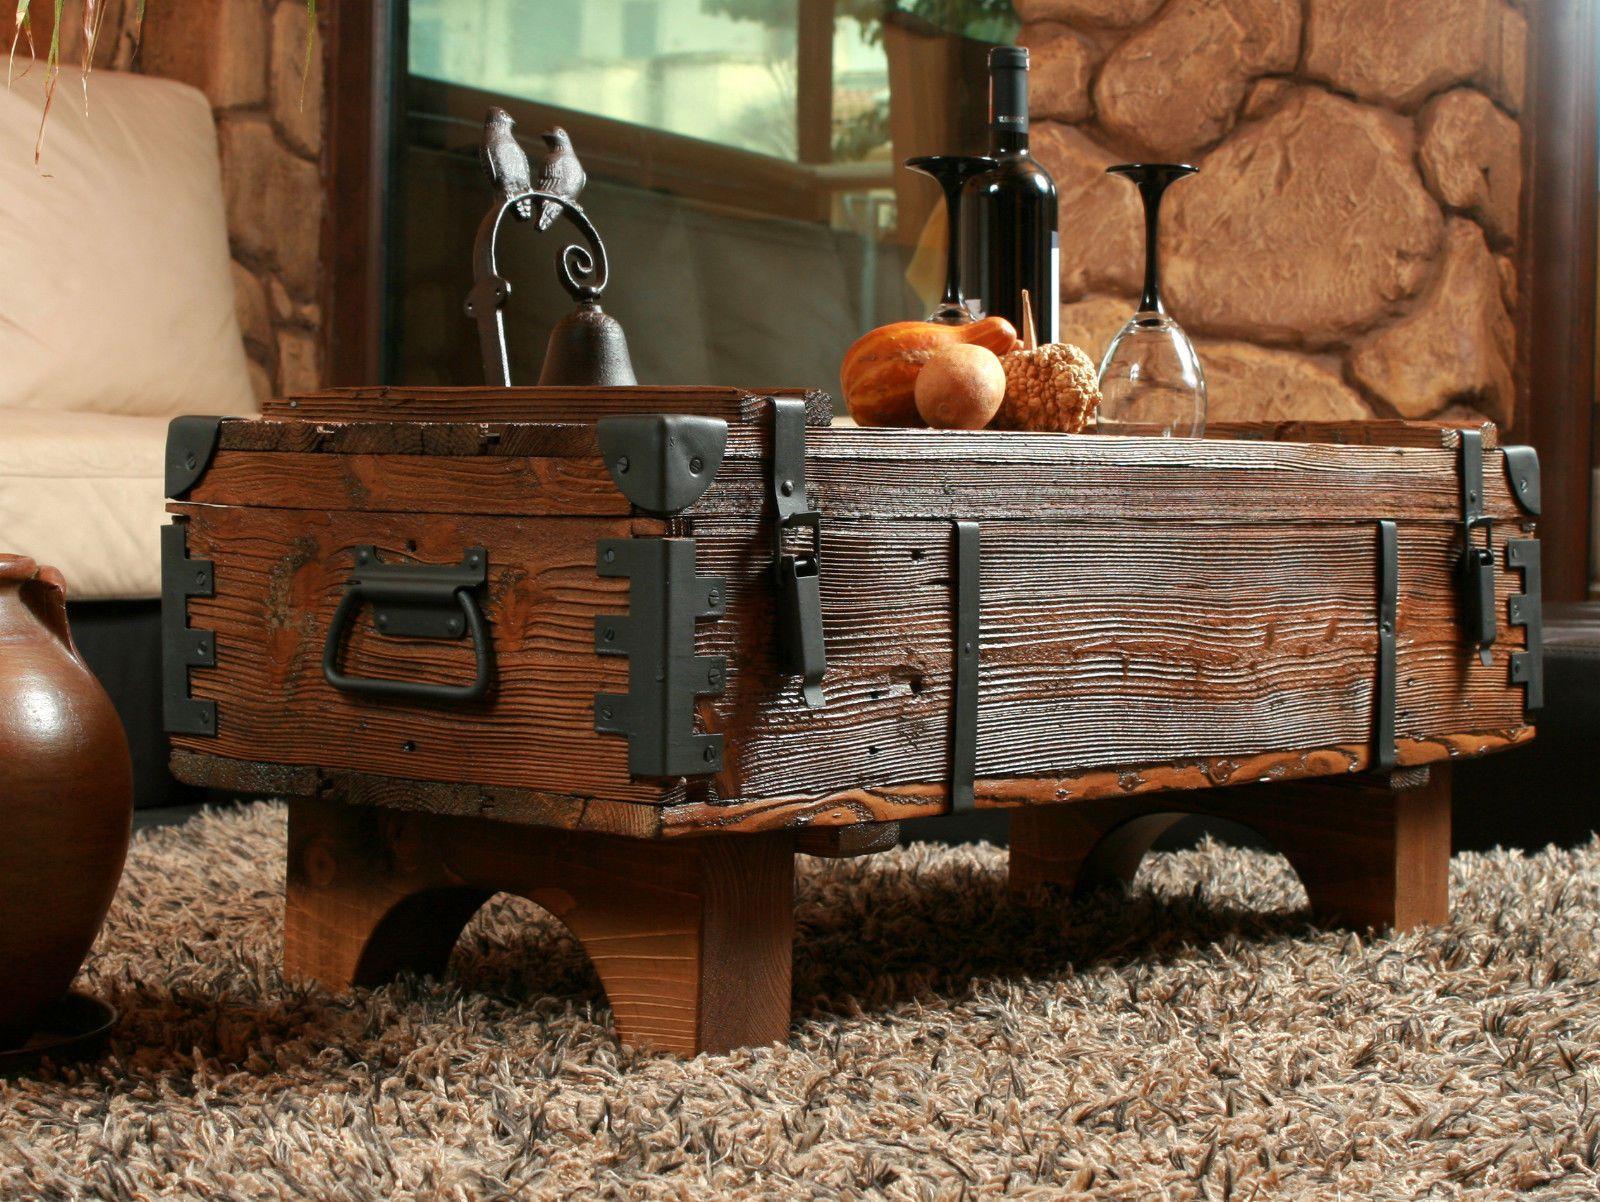 Alte Truhe Kiste Tisch Shabby Chic Holz Beistelltisch Holztruhe Couchtisch 16 Ebay Holztruhe Alte Truhe Couchtisch